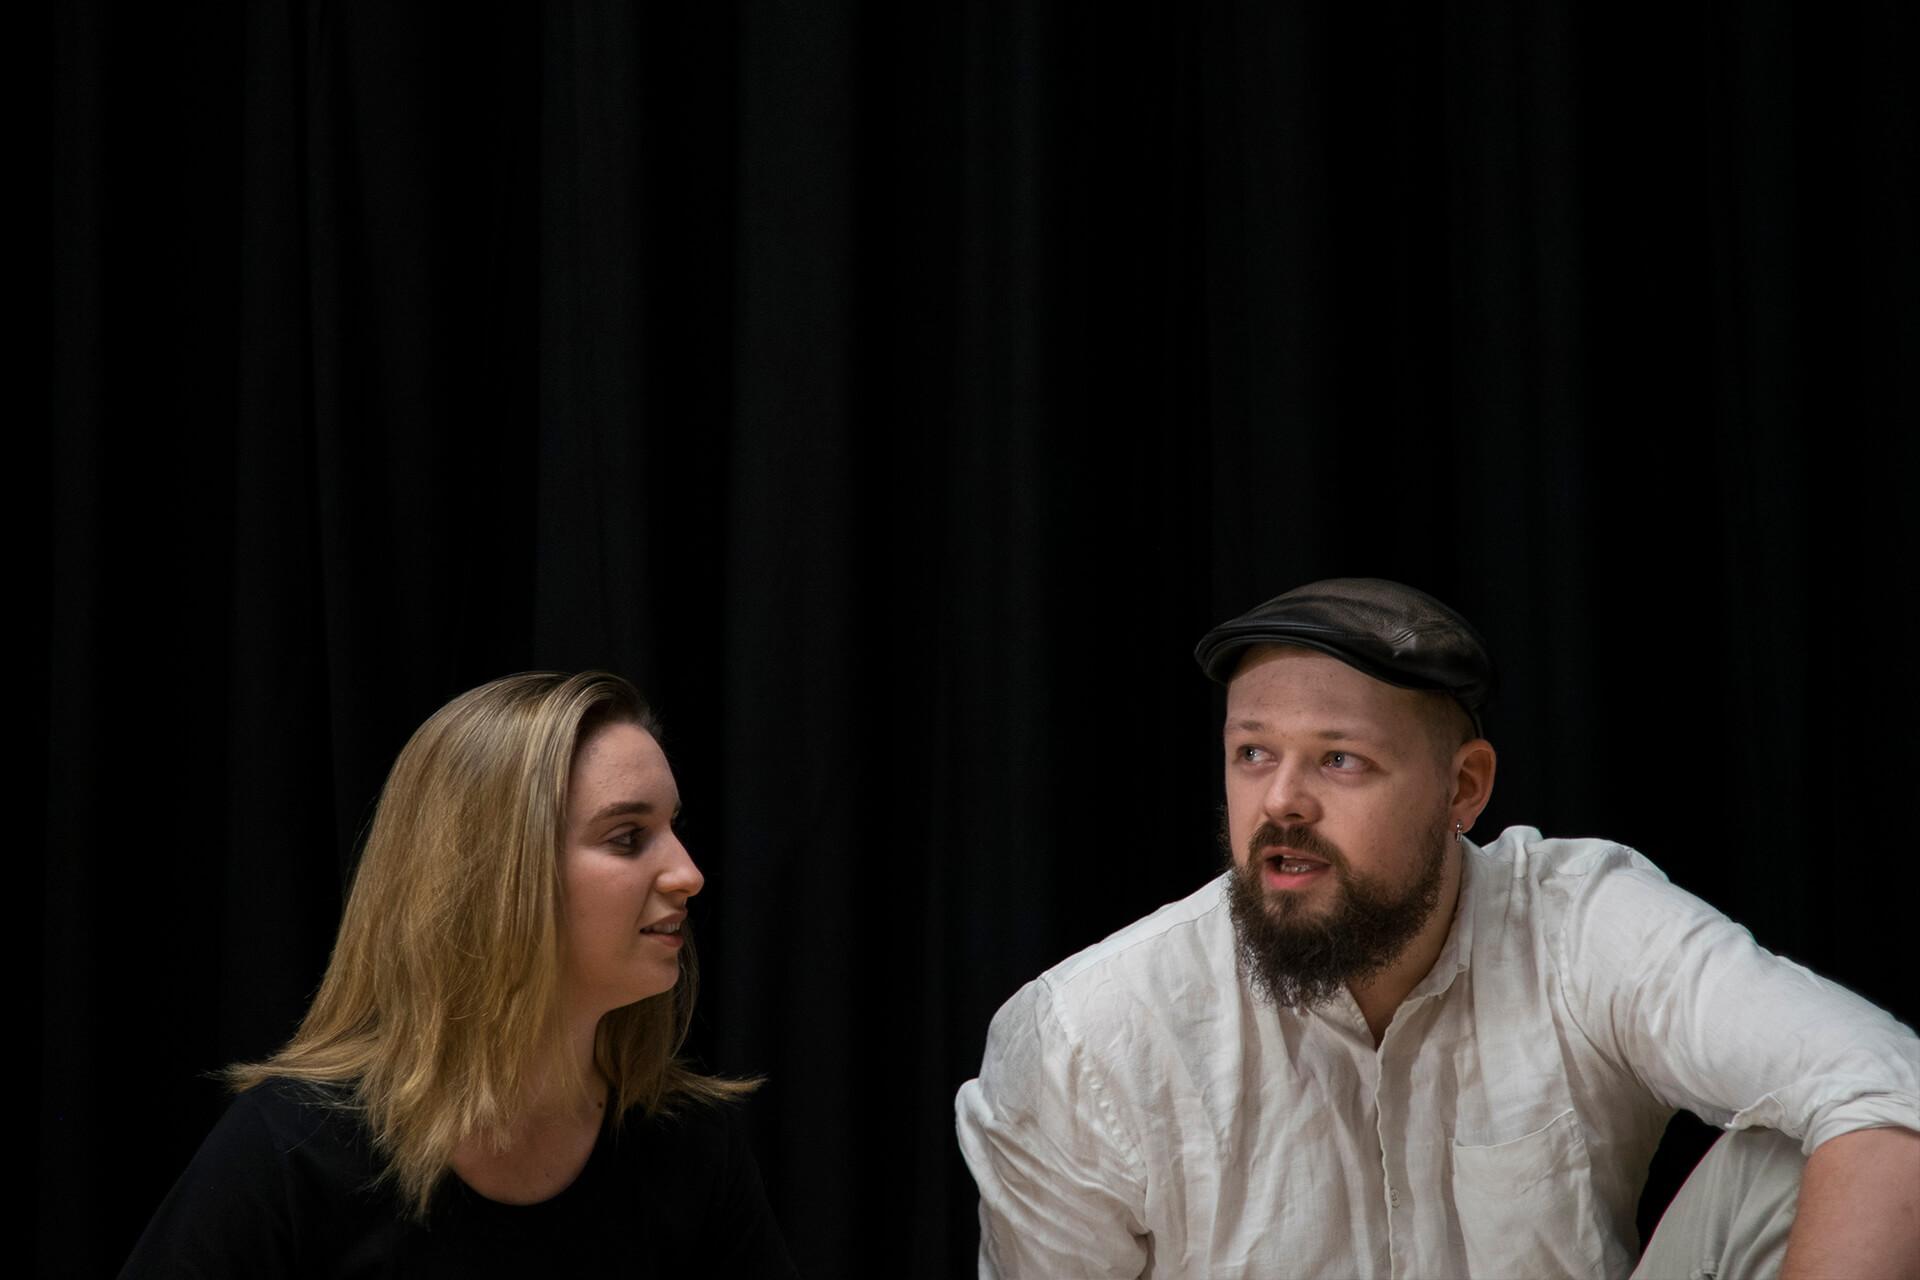 (左)Ashleigh Pearce與(右)Simon McClure是雜技團的成員。